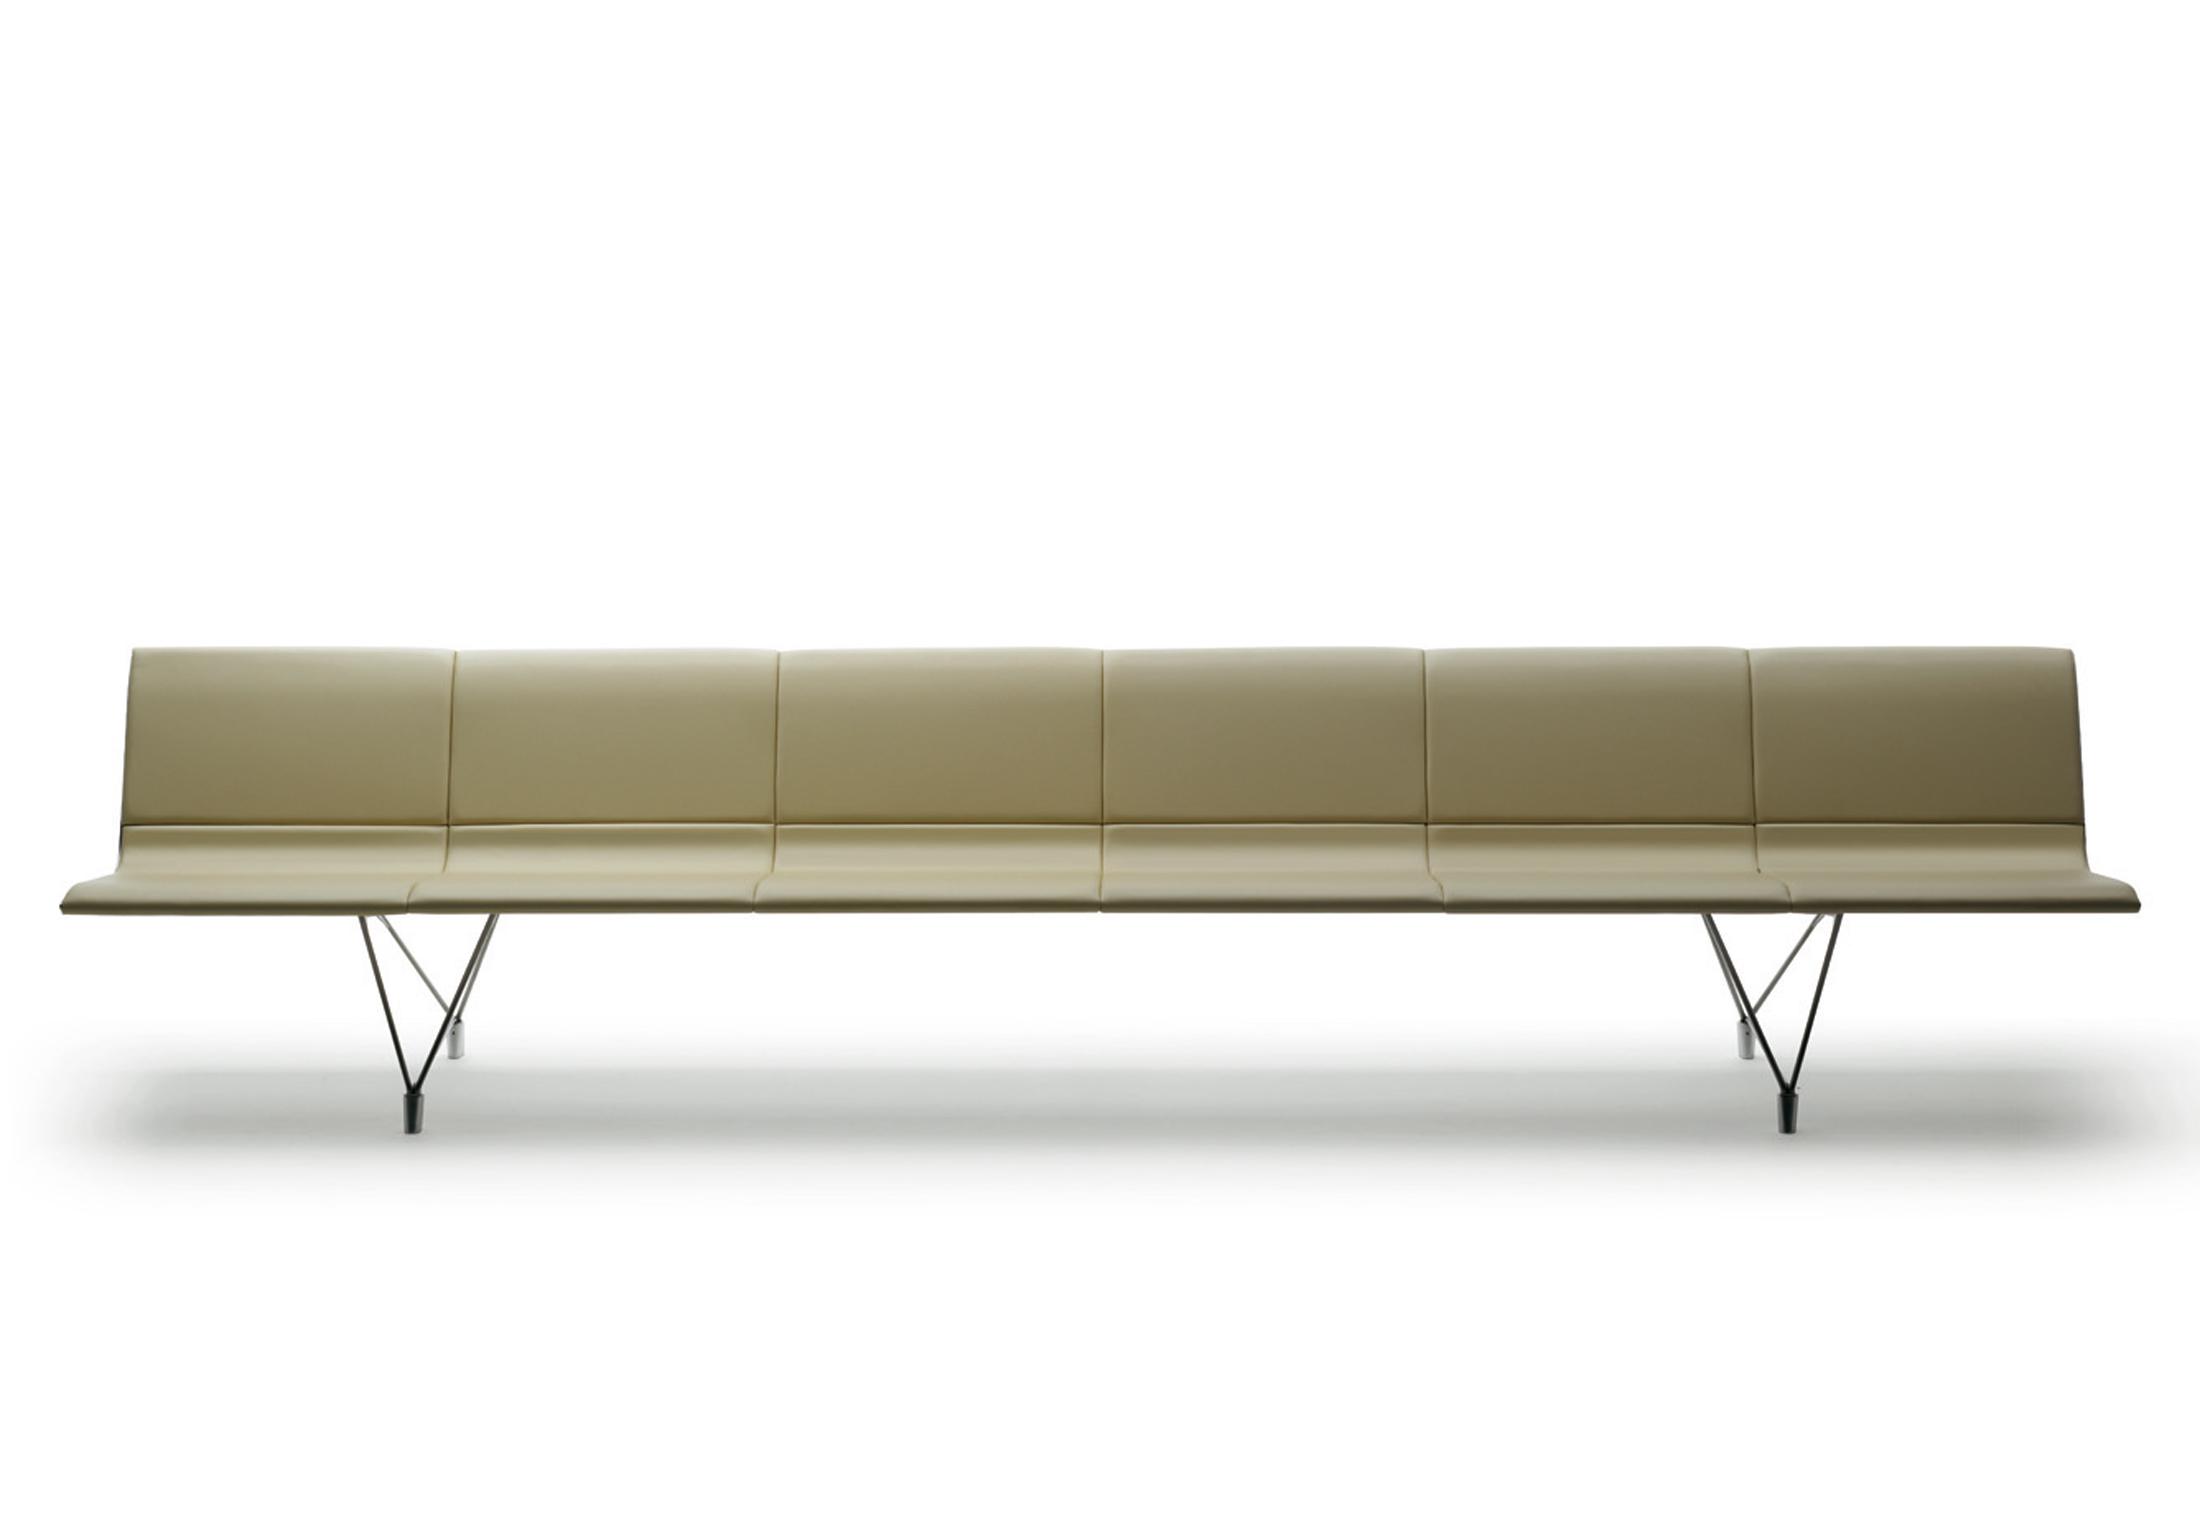 aero bank mit r ckenlehne von sellex stylepark. Black Bedroom Furniture Sets. Home Design Ideas